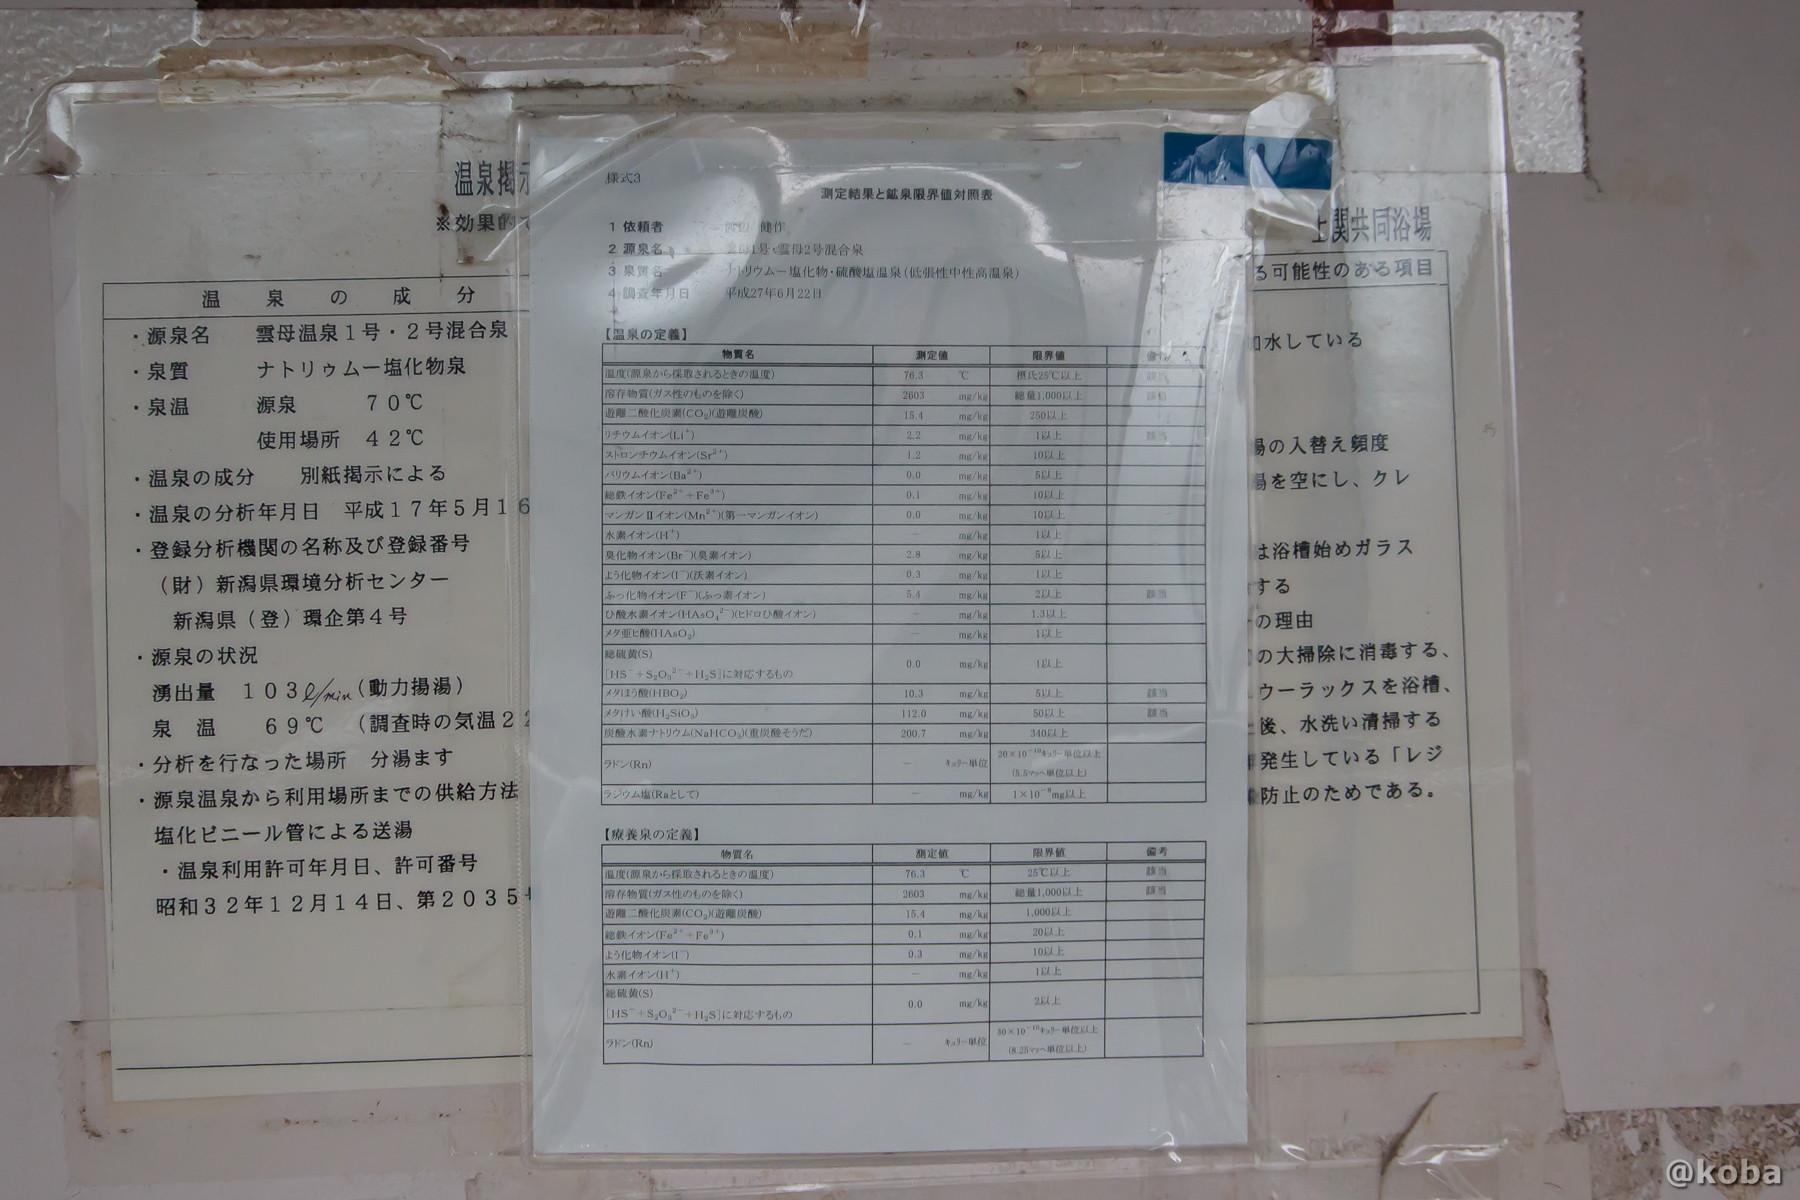 温泉分析書と測定結果の写真│雲母温泉 上関共同浴場(うんもおんせん かみのせききょうどうよくじょう)│新潟県 ブログ